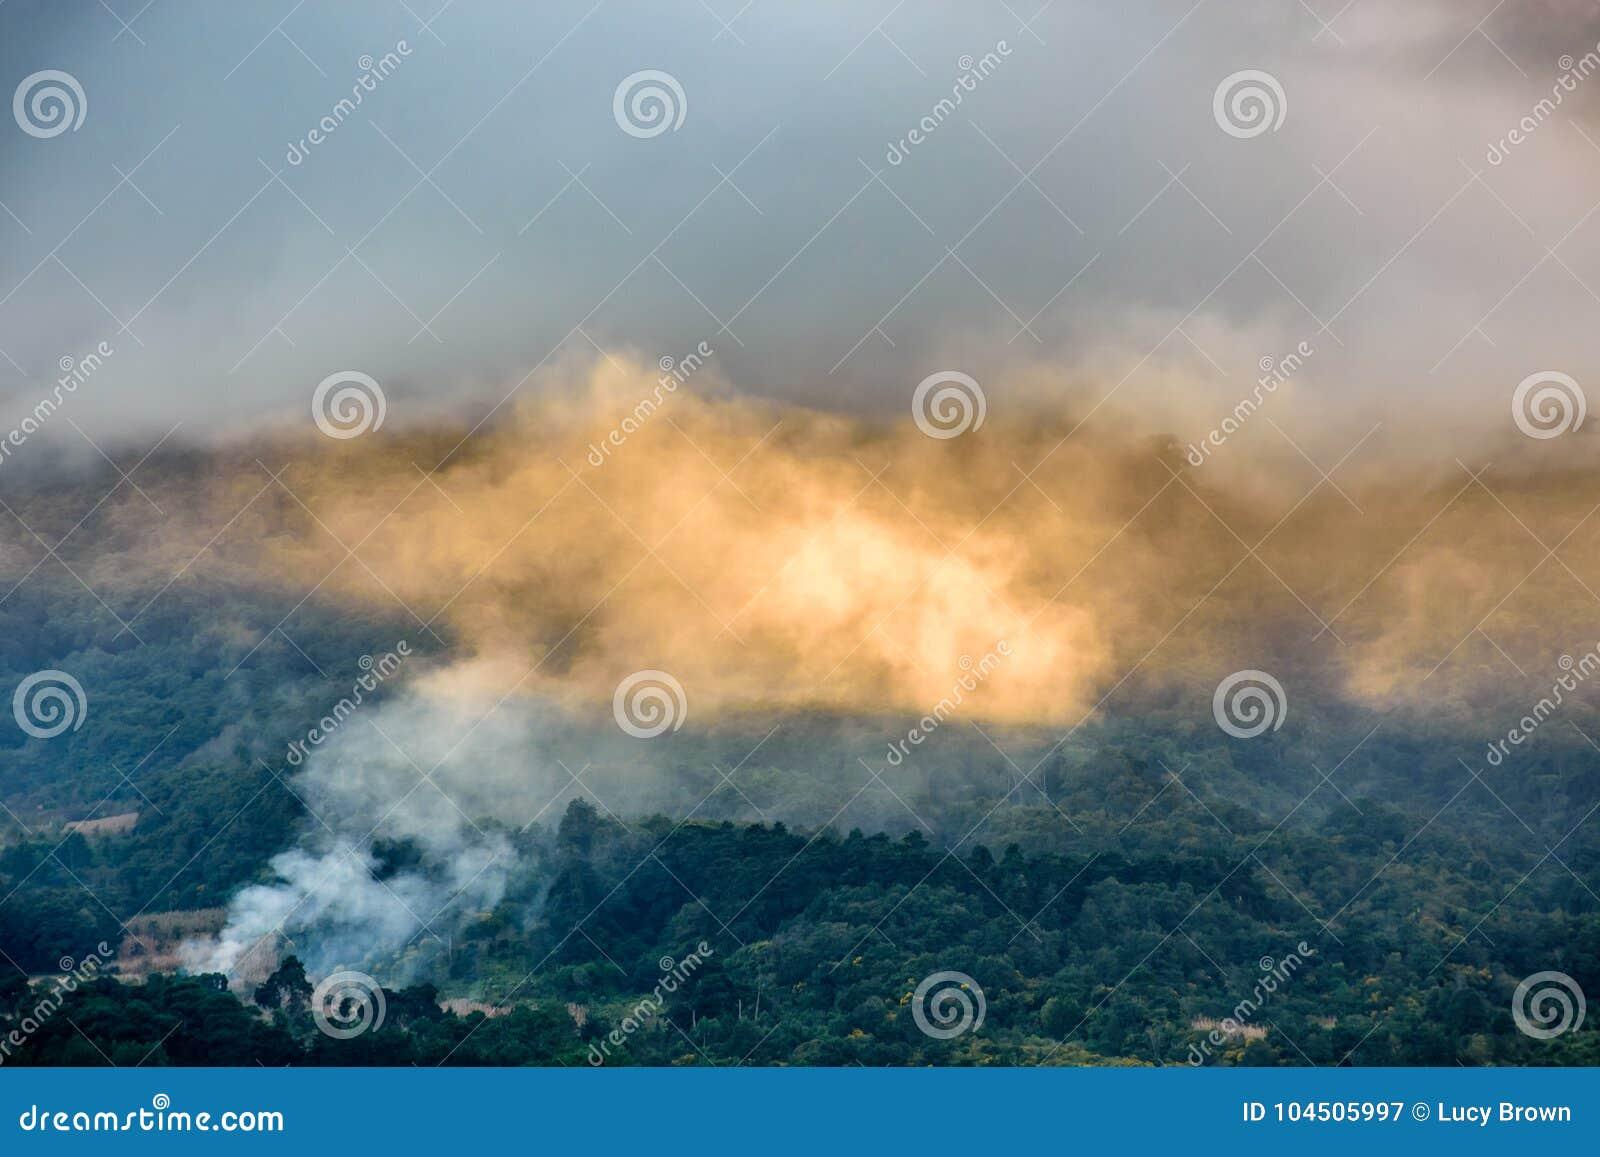 Il fumo & le nuvole si sono accesi da luce solare dorata sul pendio boscoso